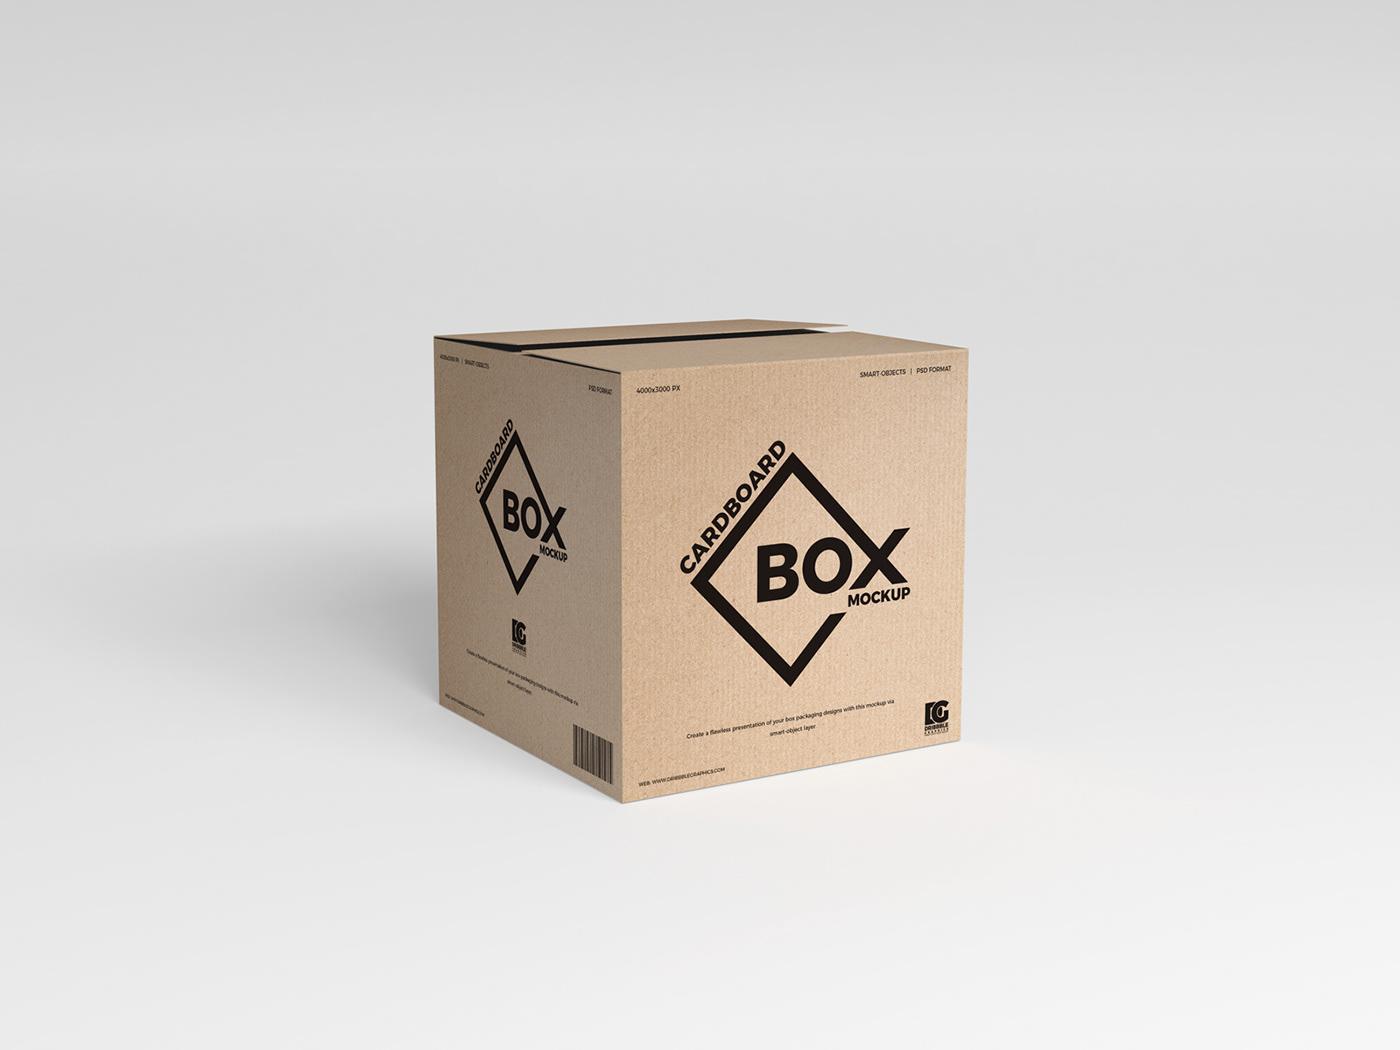 Packaging box mockup Mockup mock-up free mockup  mockup free mockup psd psd free freebie